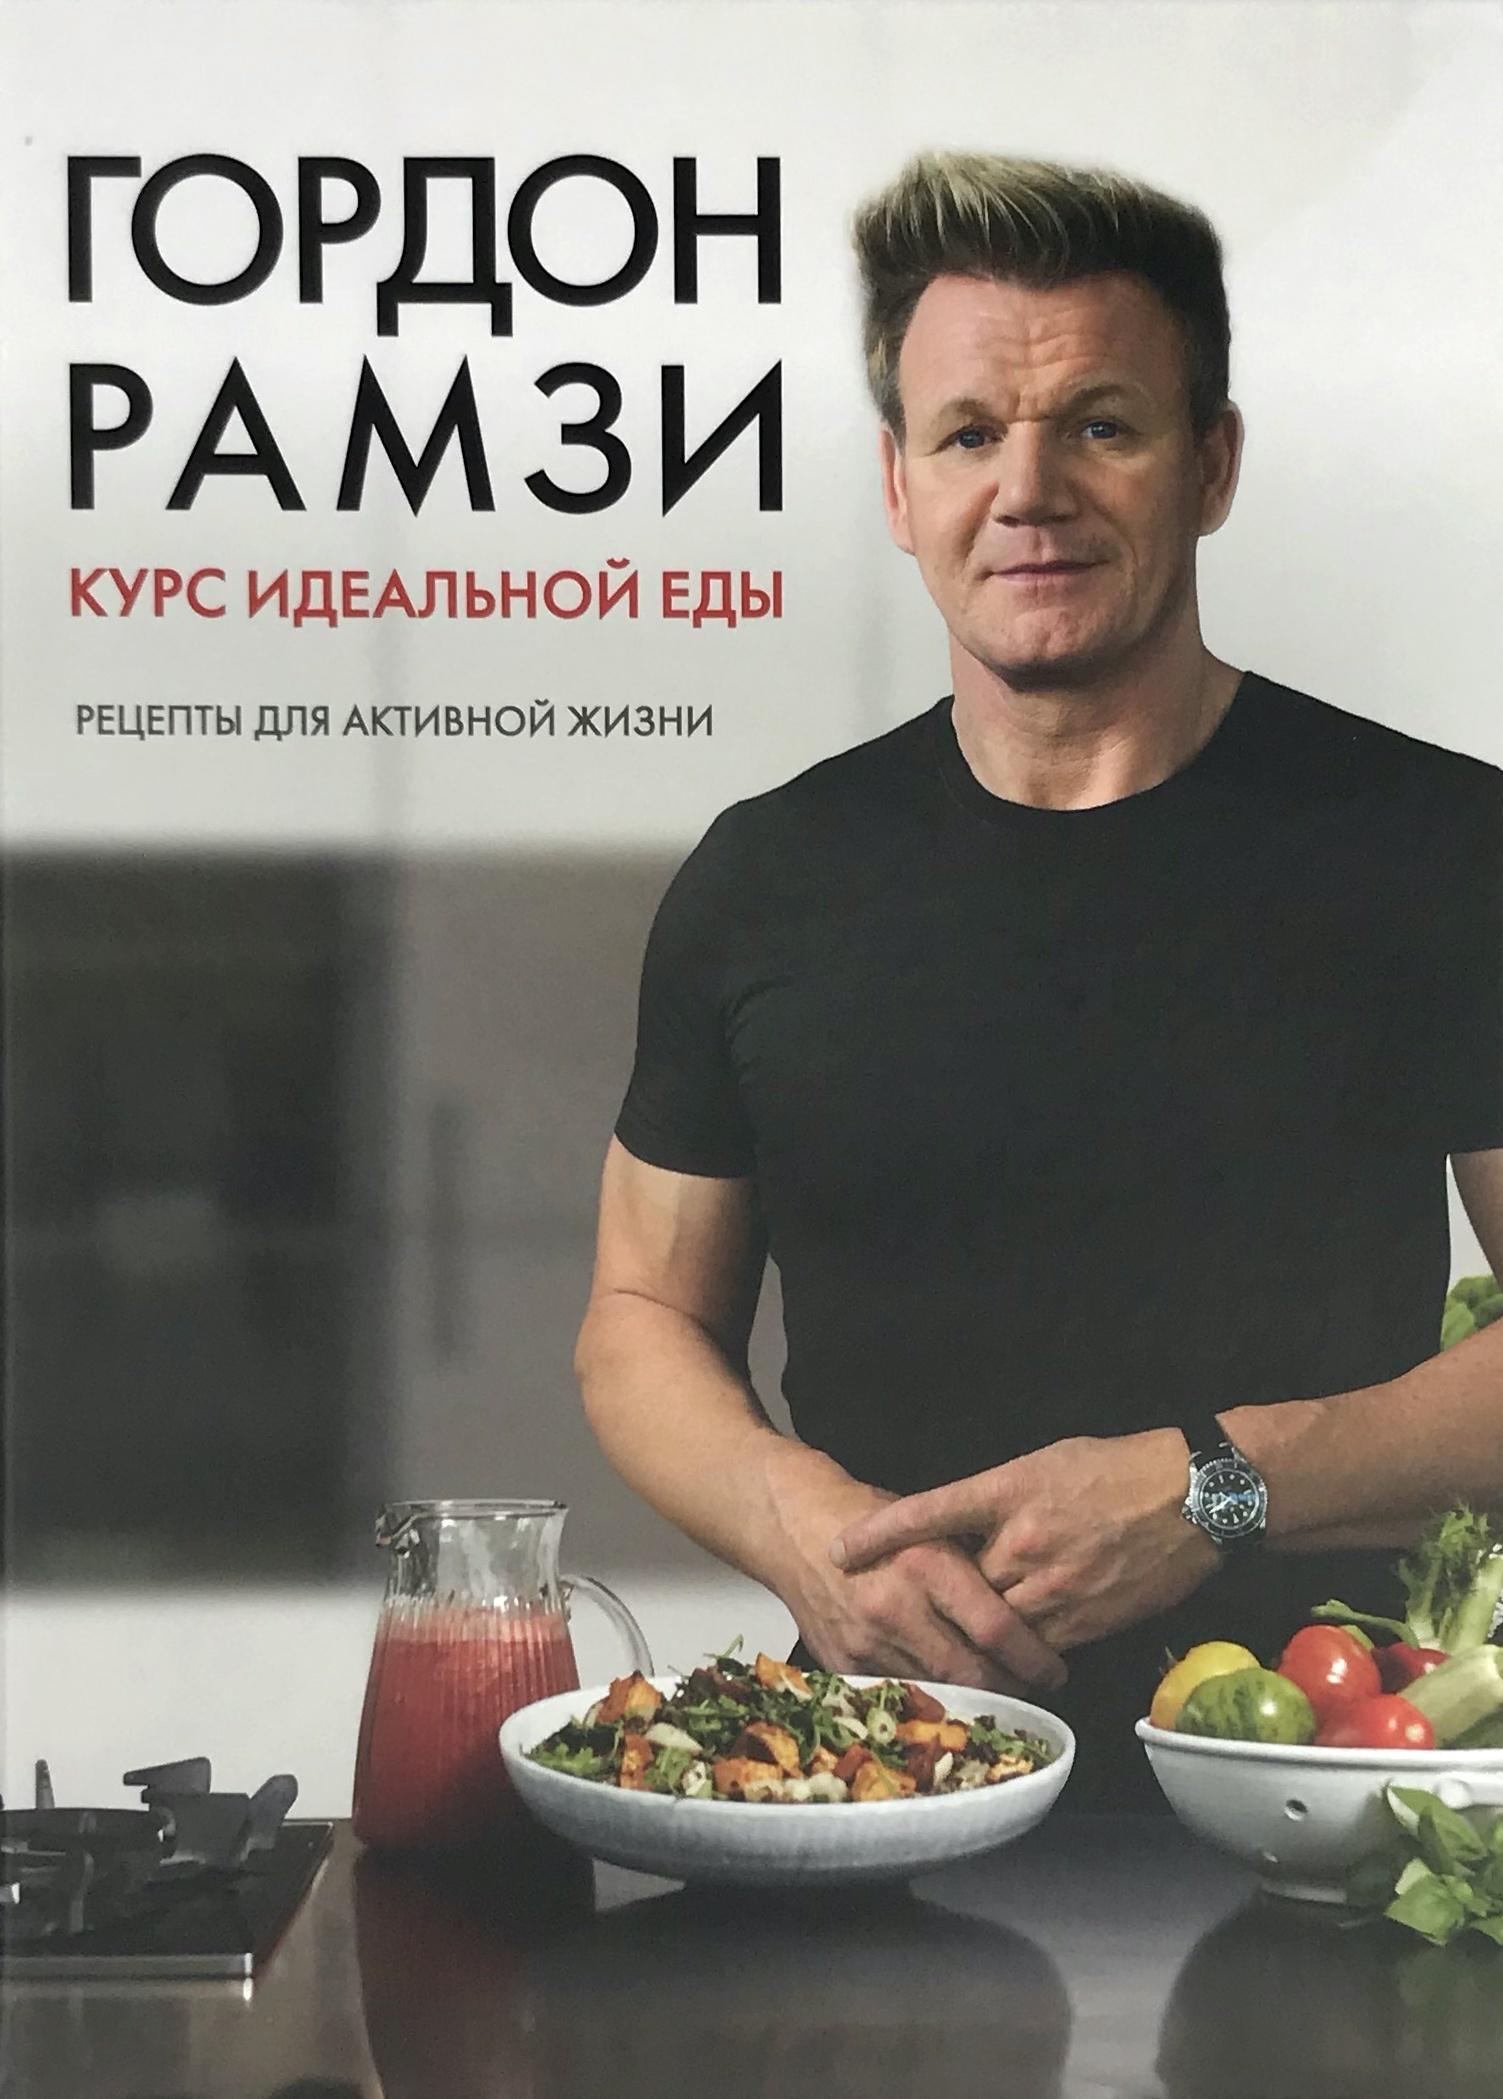 Курс идеальной еды. Рецепты для активной жизни